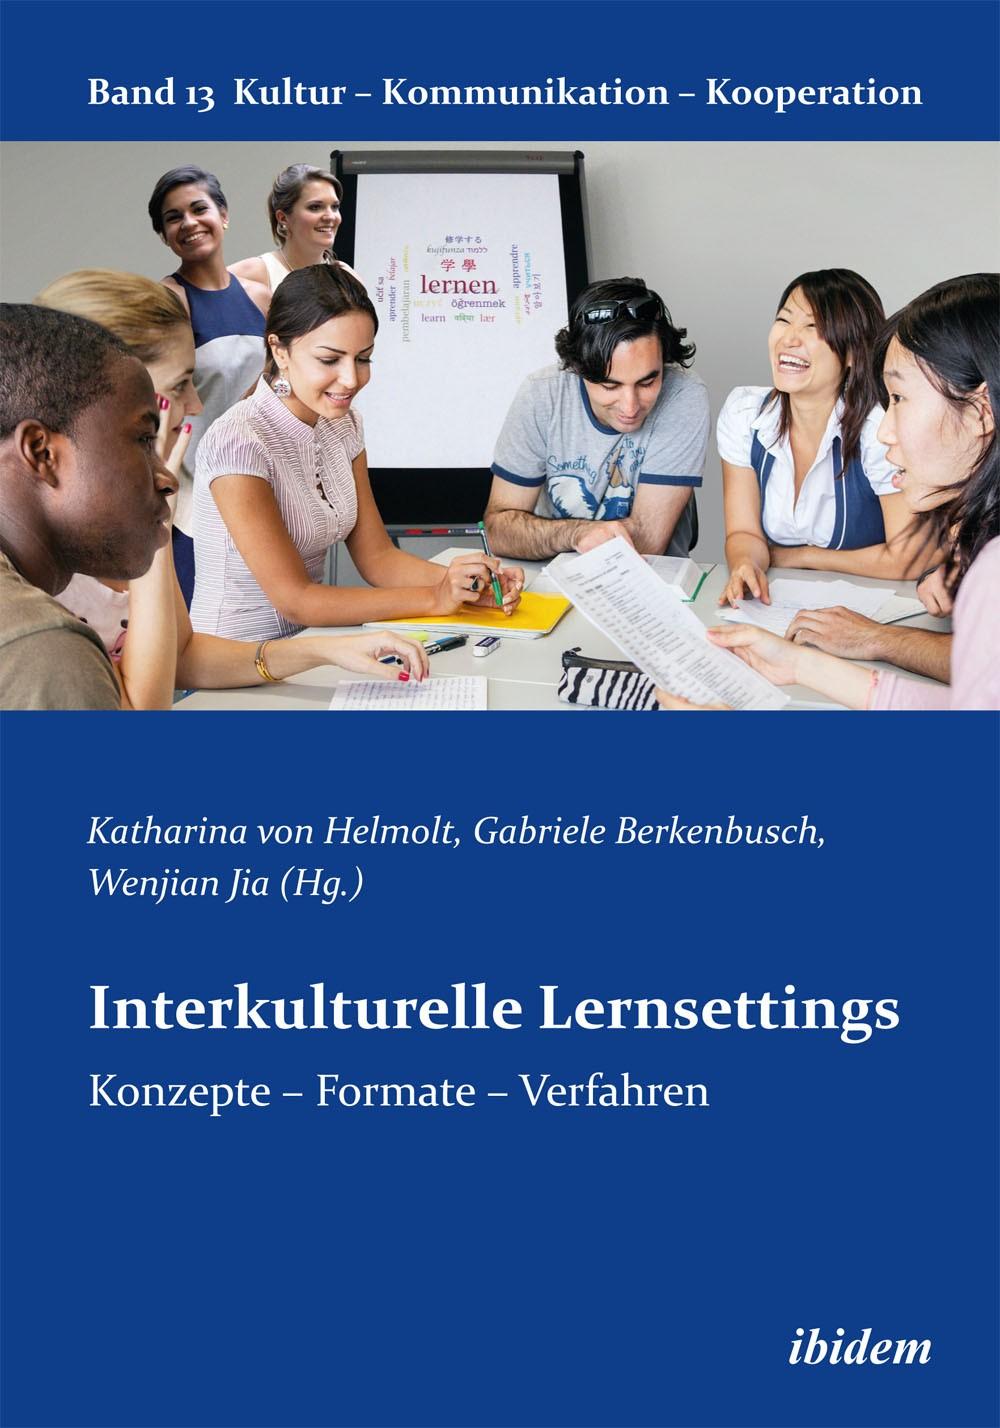 Interkulturelle Lernsettings